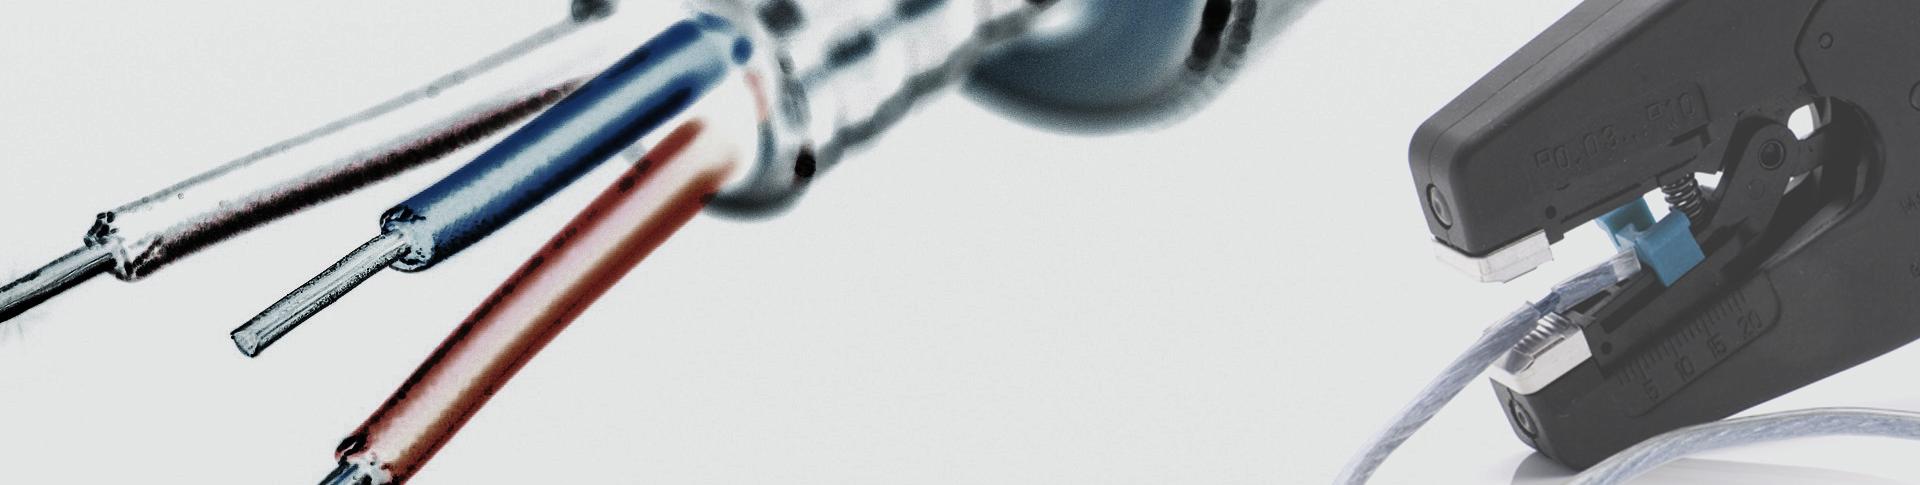 slider-kabel-1